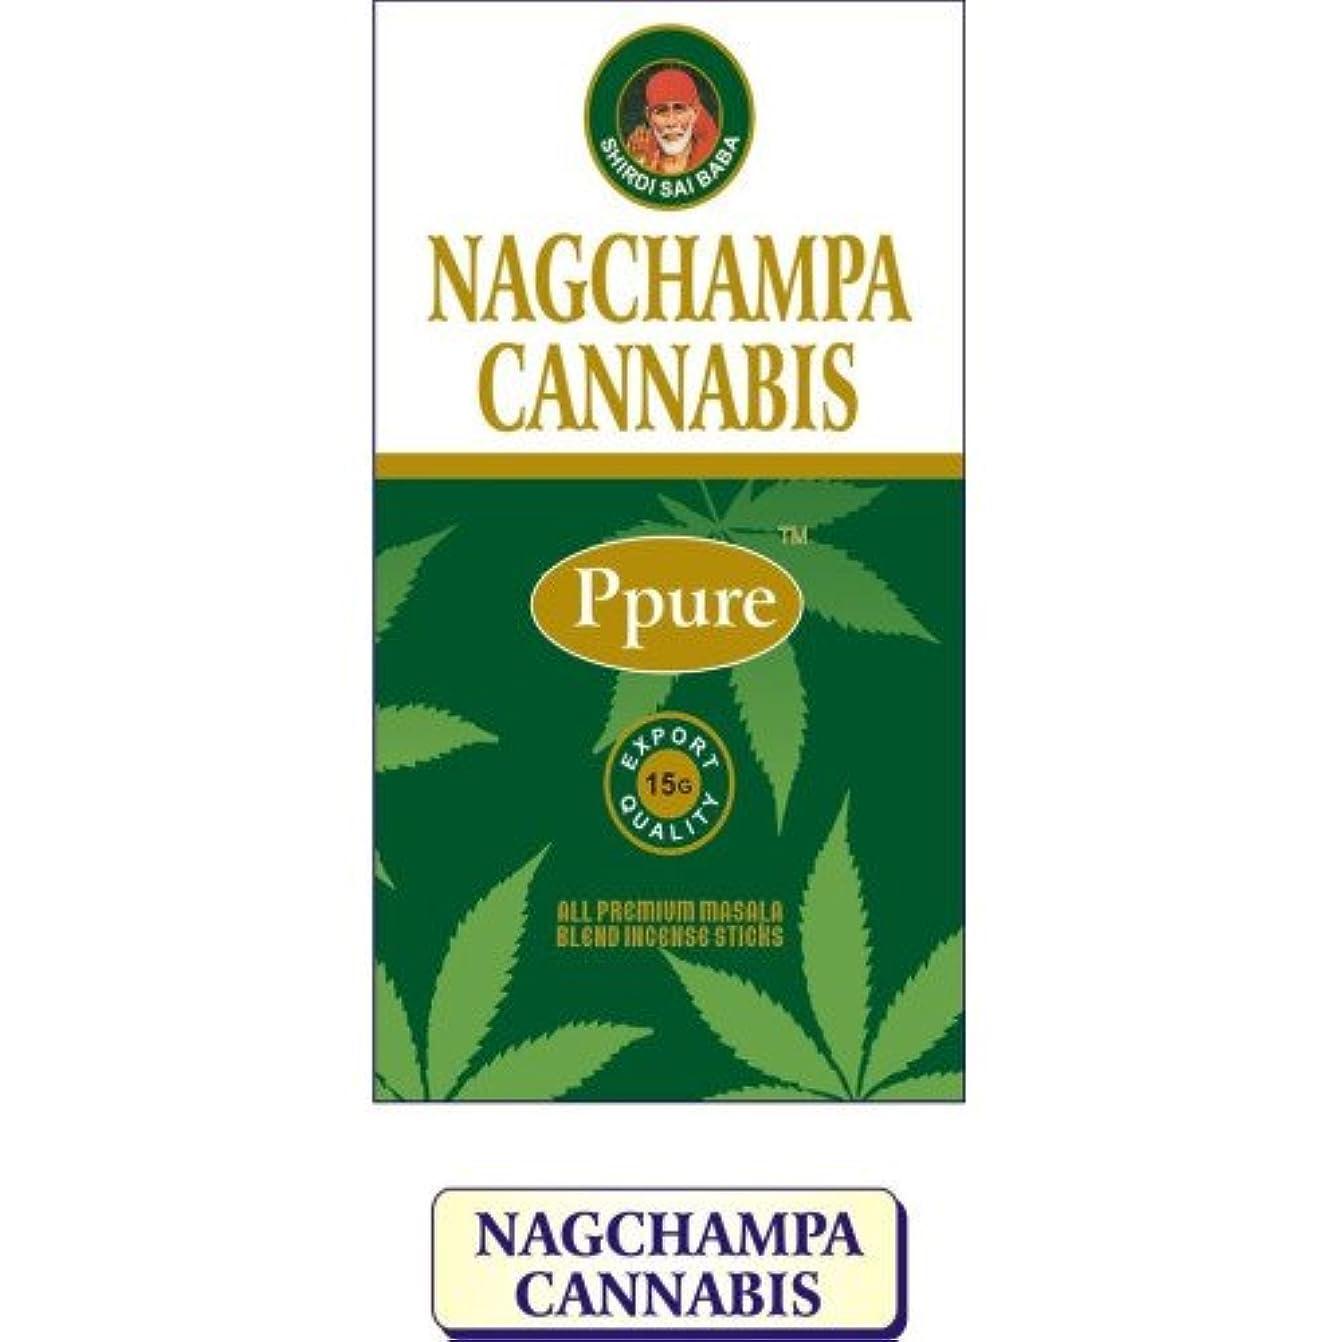 口ひげハードリングセンチメートルPpure Nag Champa Cannabis PerfumeプレミアムMasala Incense Sticks 15グラム